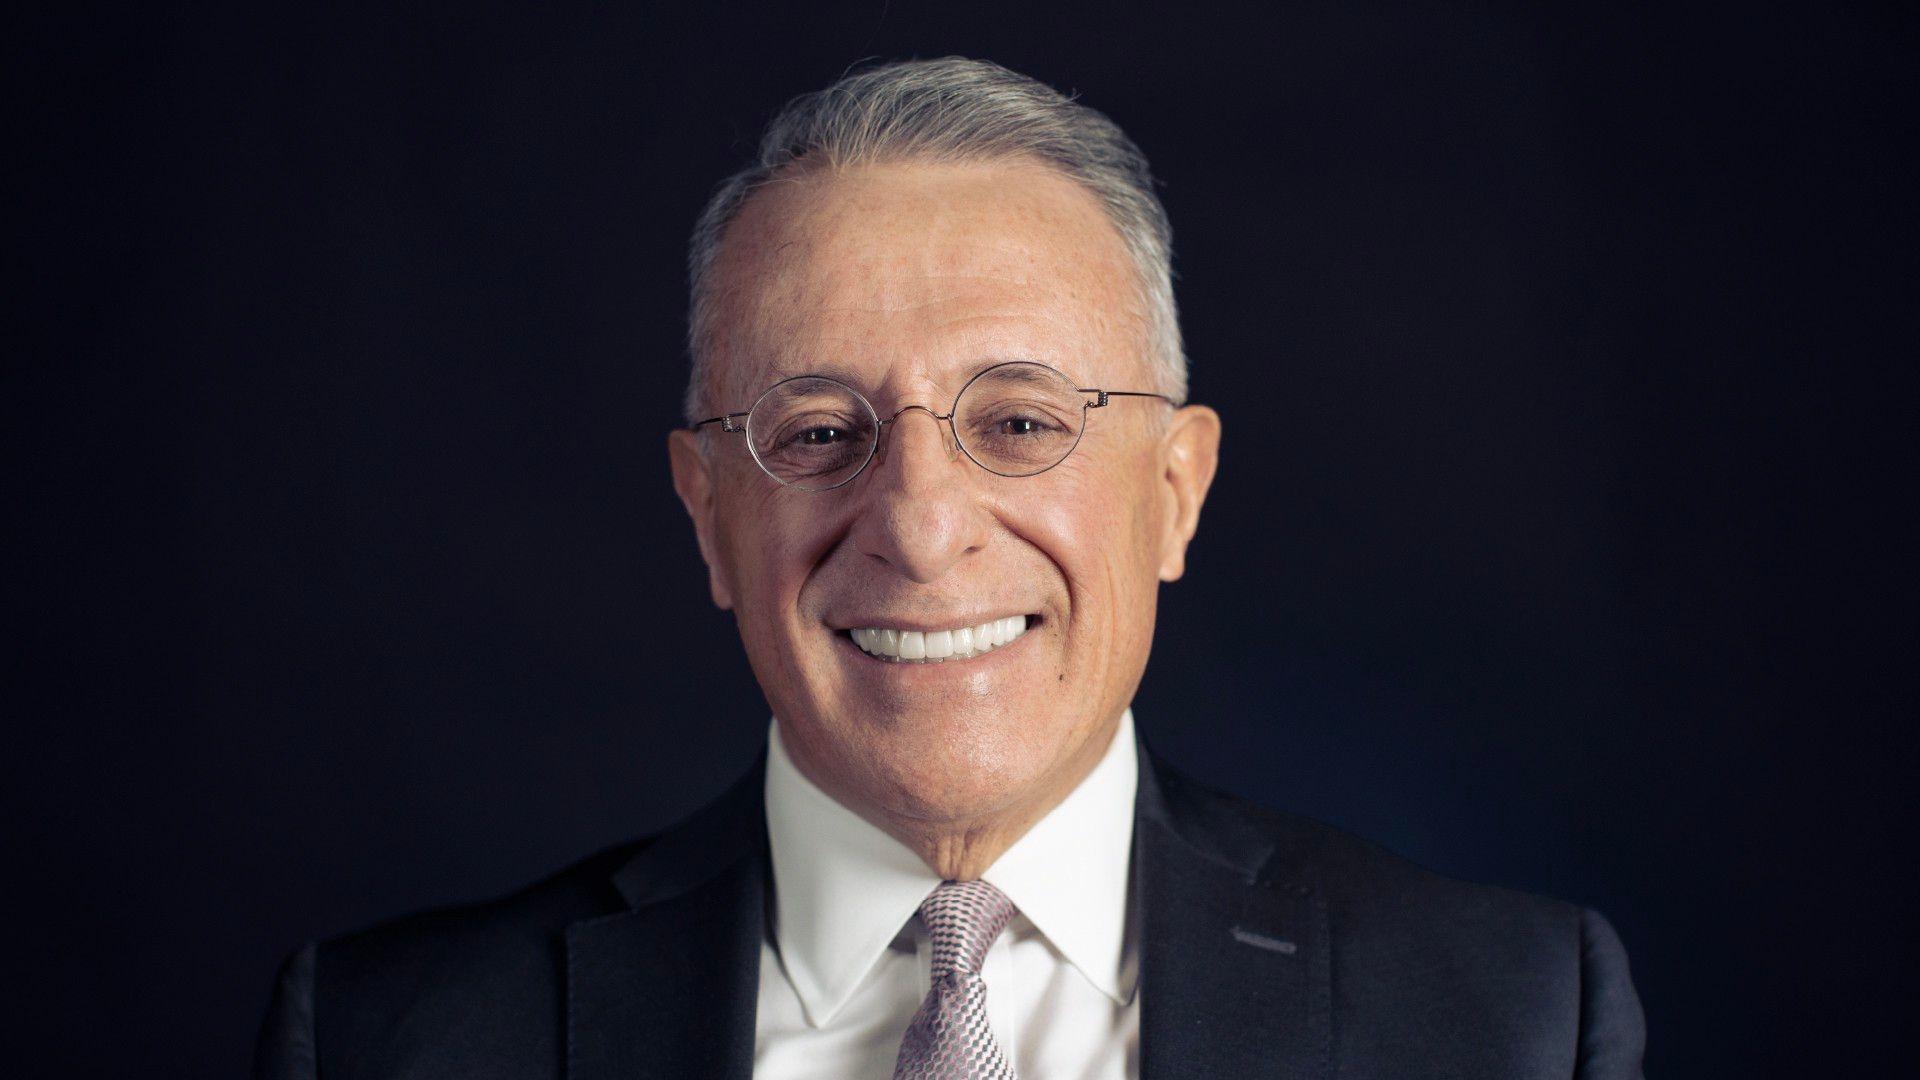 #Escúchalo, ¿de qué manera lo haces?: El élder Ulisses Soares dice que el Señor está listo para dirigirnos si Lo escuchamos. #Escúchalo